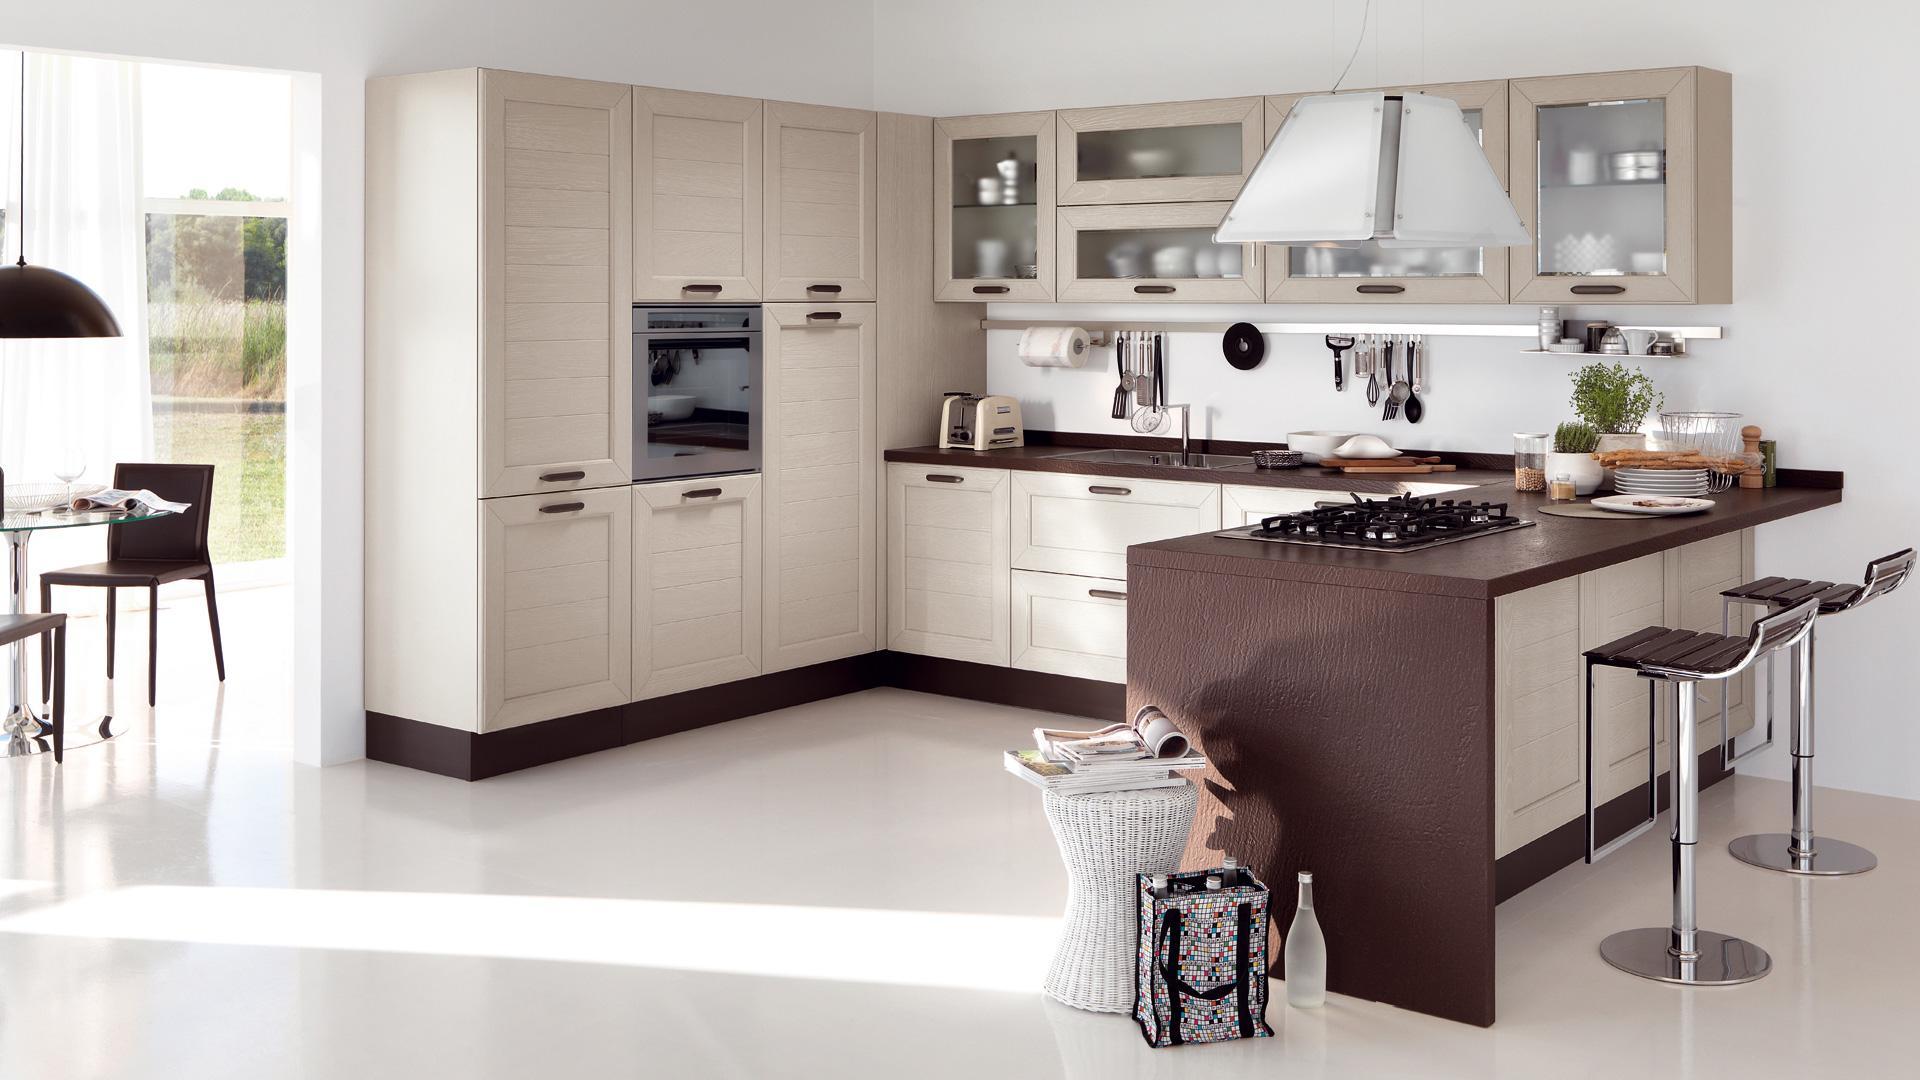 Cucina classica lube claudia stile contemporaneo per una bellezza sorprendente rafaschieri - Cucina lube classica ...